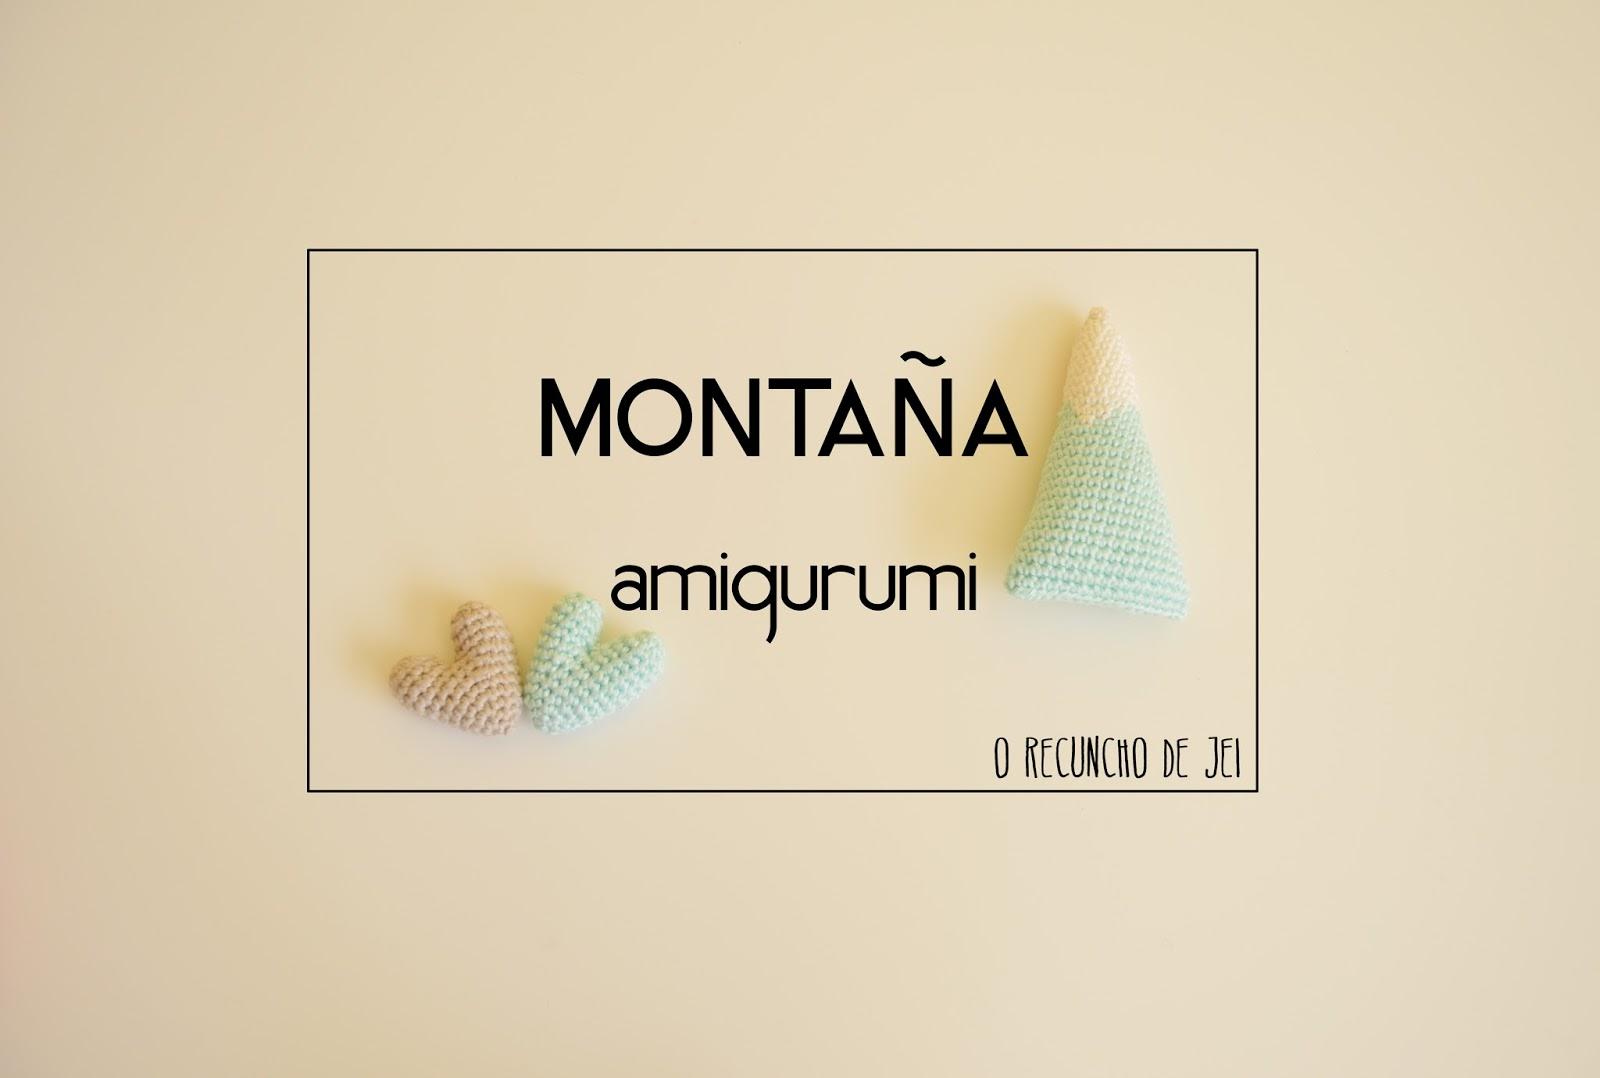 O Recuncho de Jei: Montaña Amigurumi